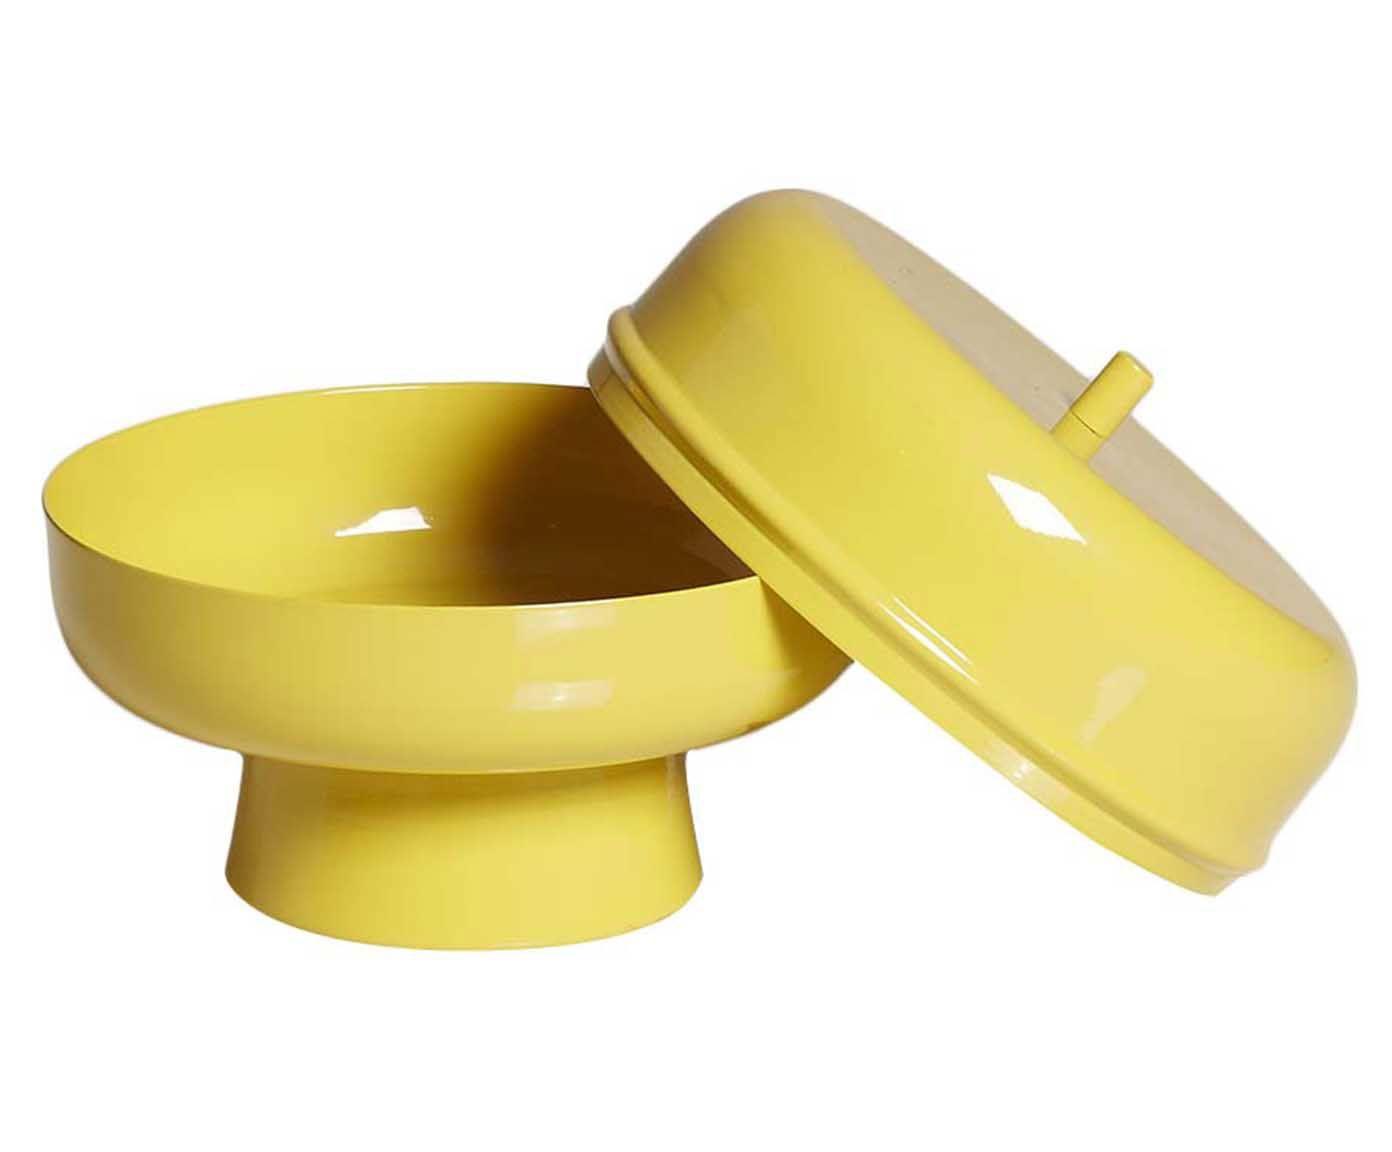 Travessa charm soleil - 15 cm | Westwing.com.br